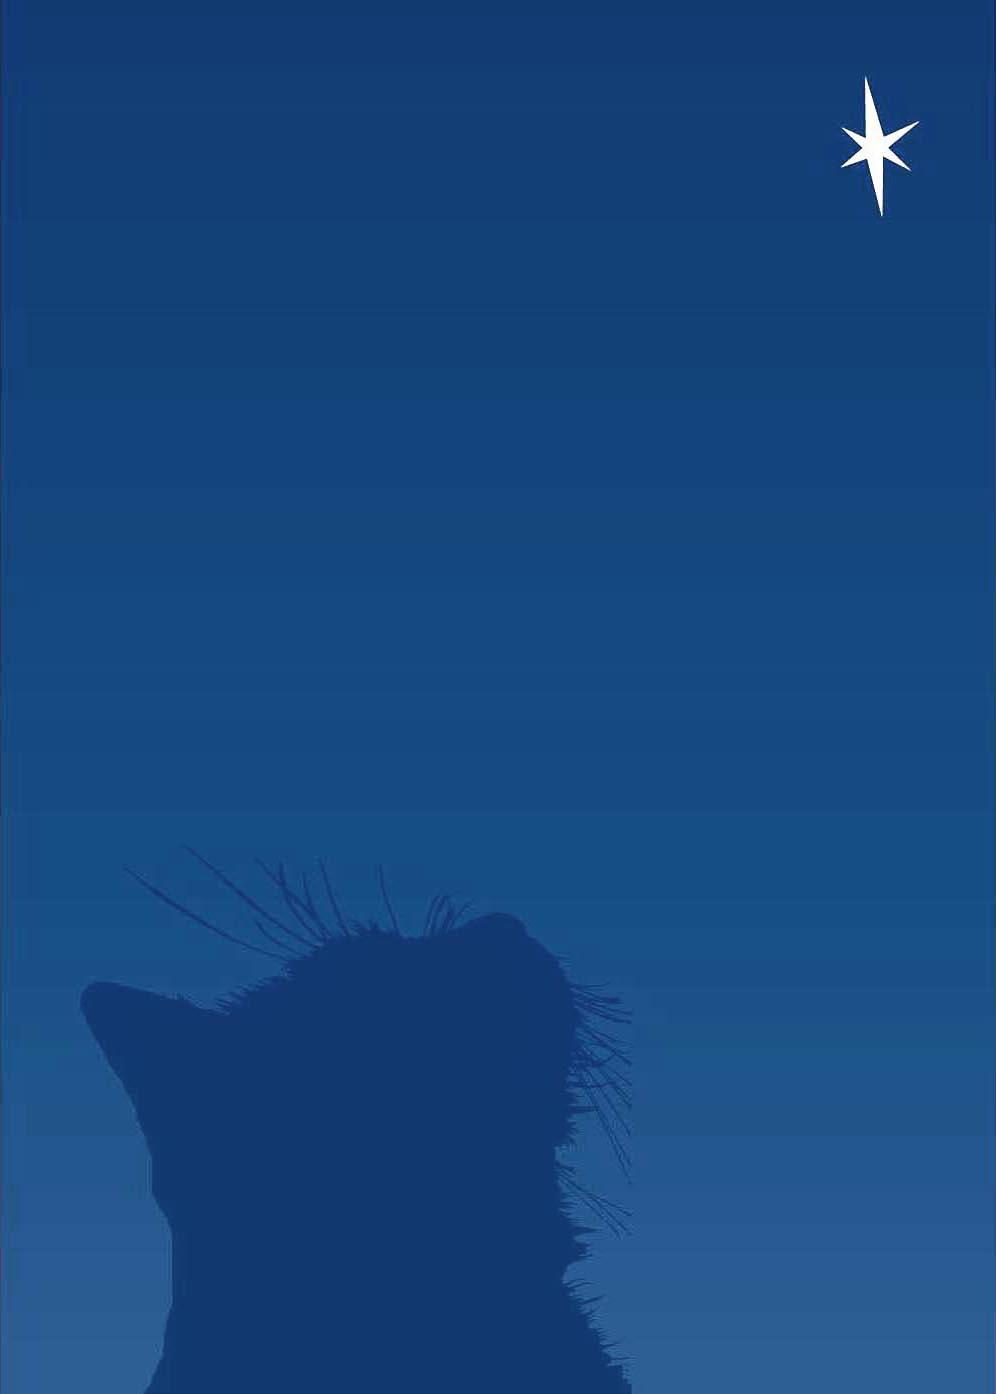 holiday card cat looking at star